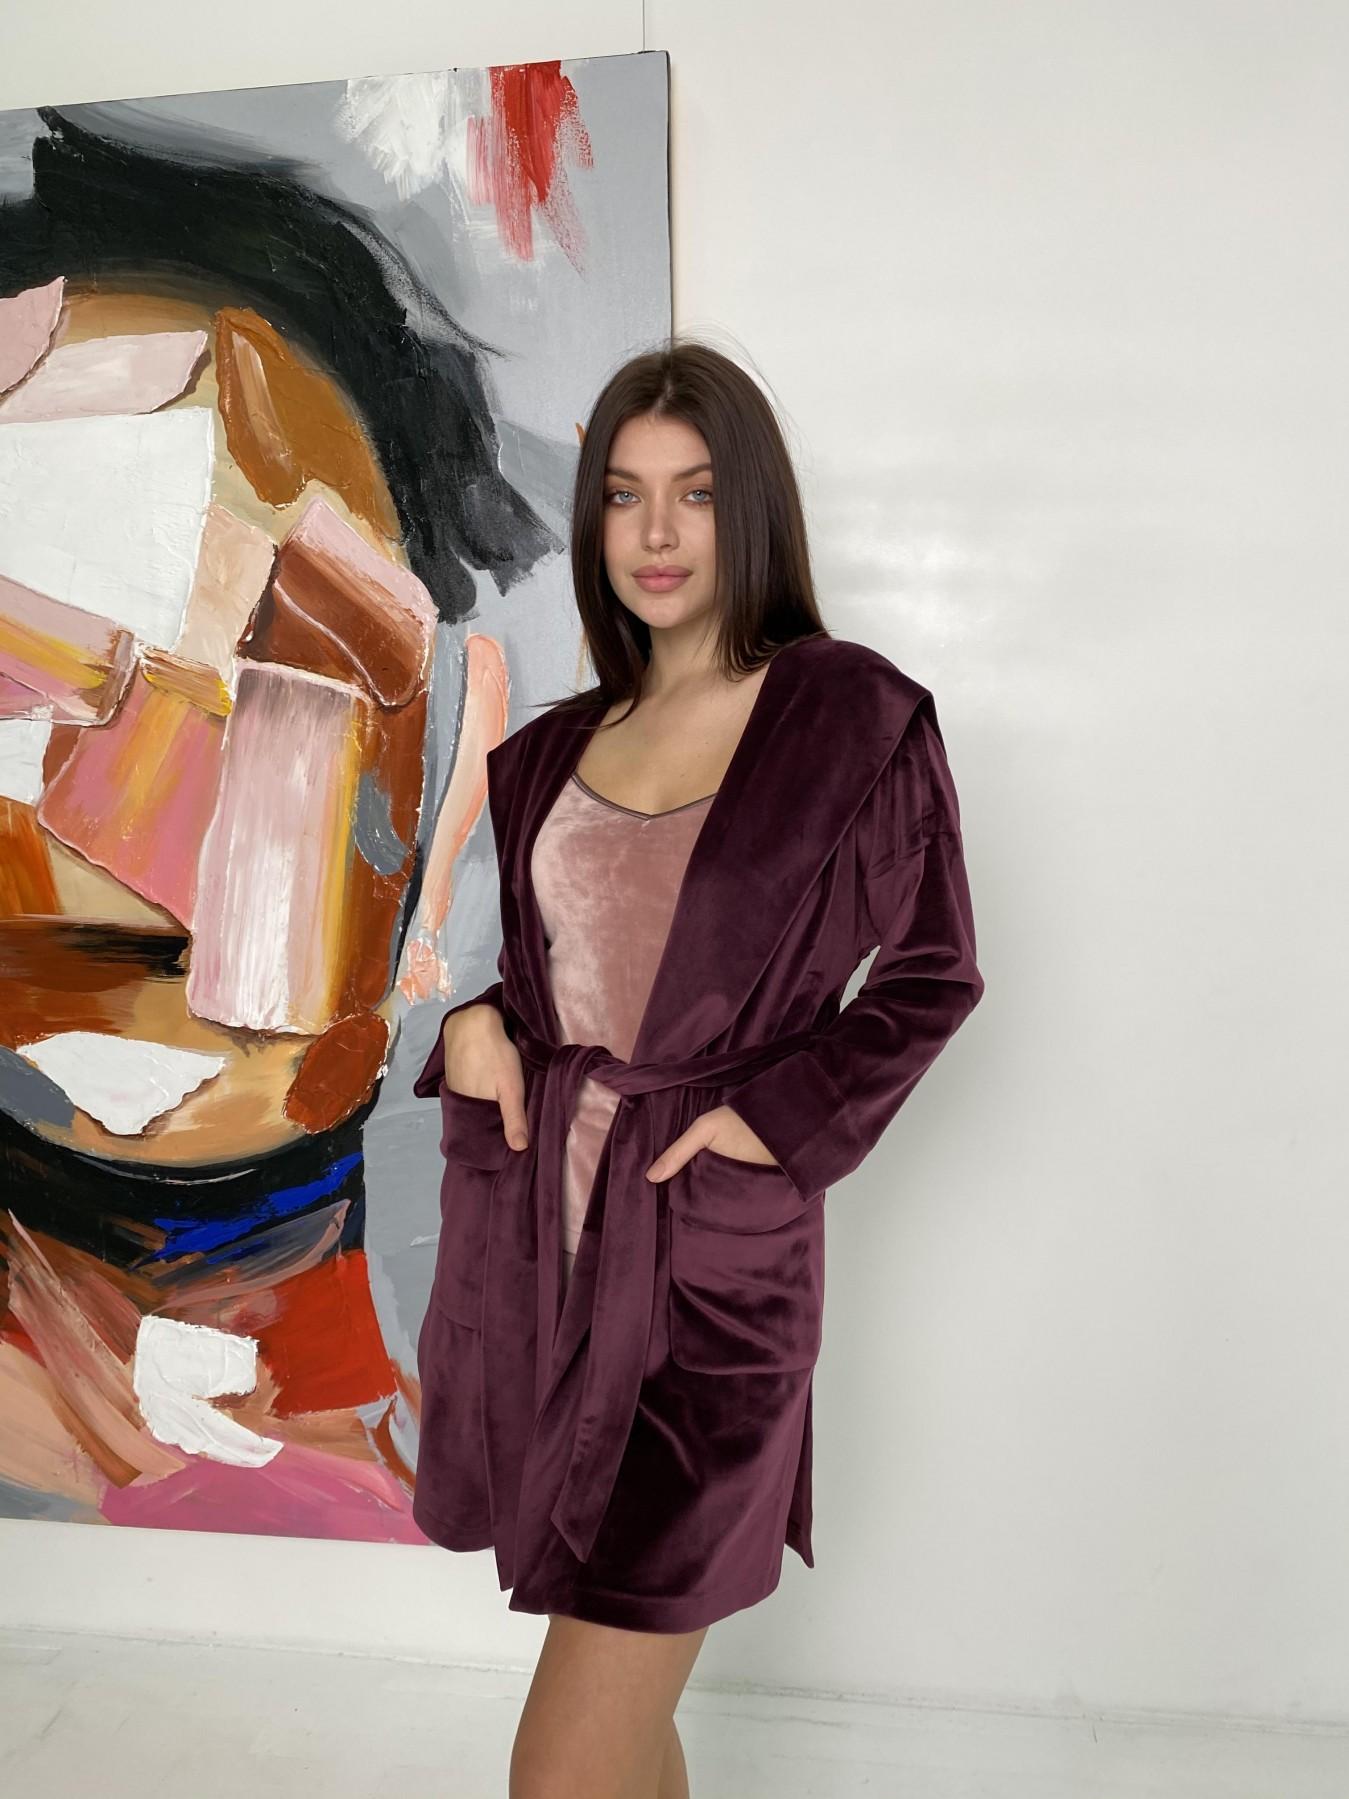 Фабьен халат из  велюровой ткани  10483 АРТ. 46840 Цвет: Марсала - фото 6, интернет магазин tm-modus.ru